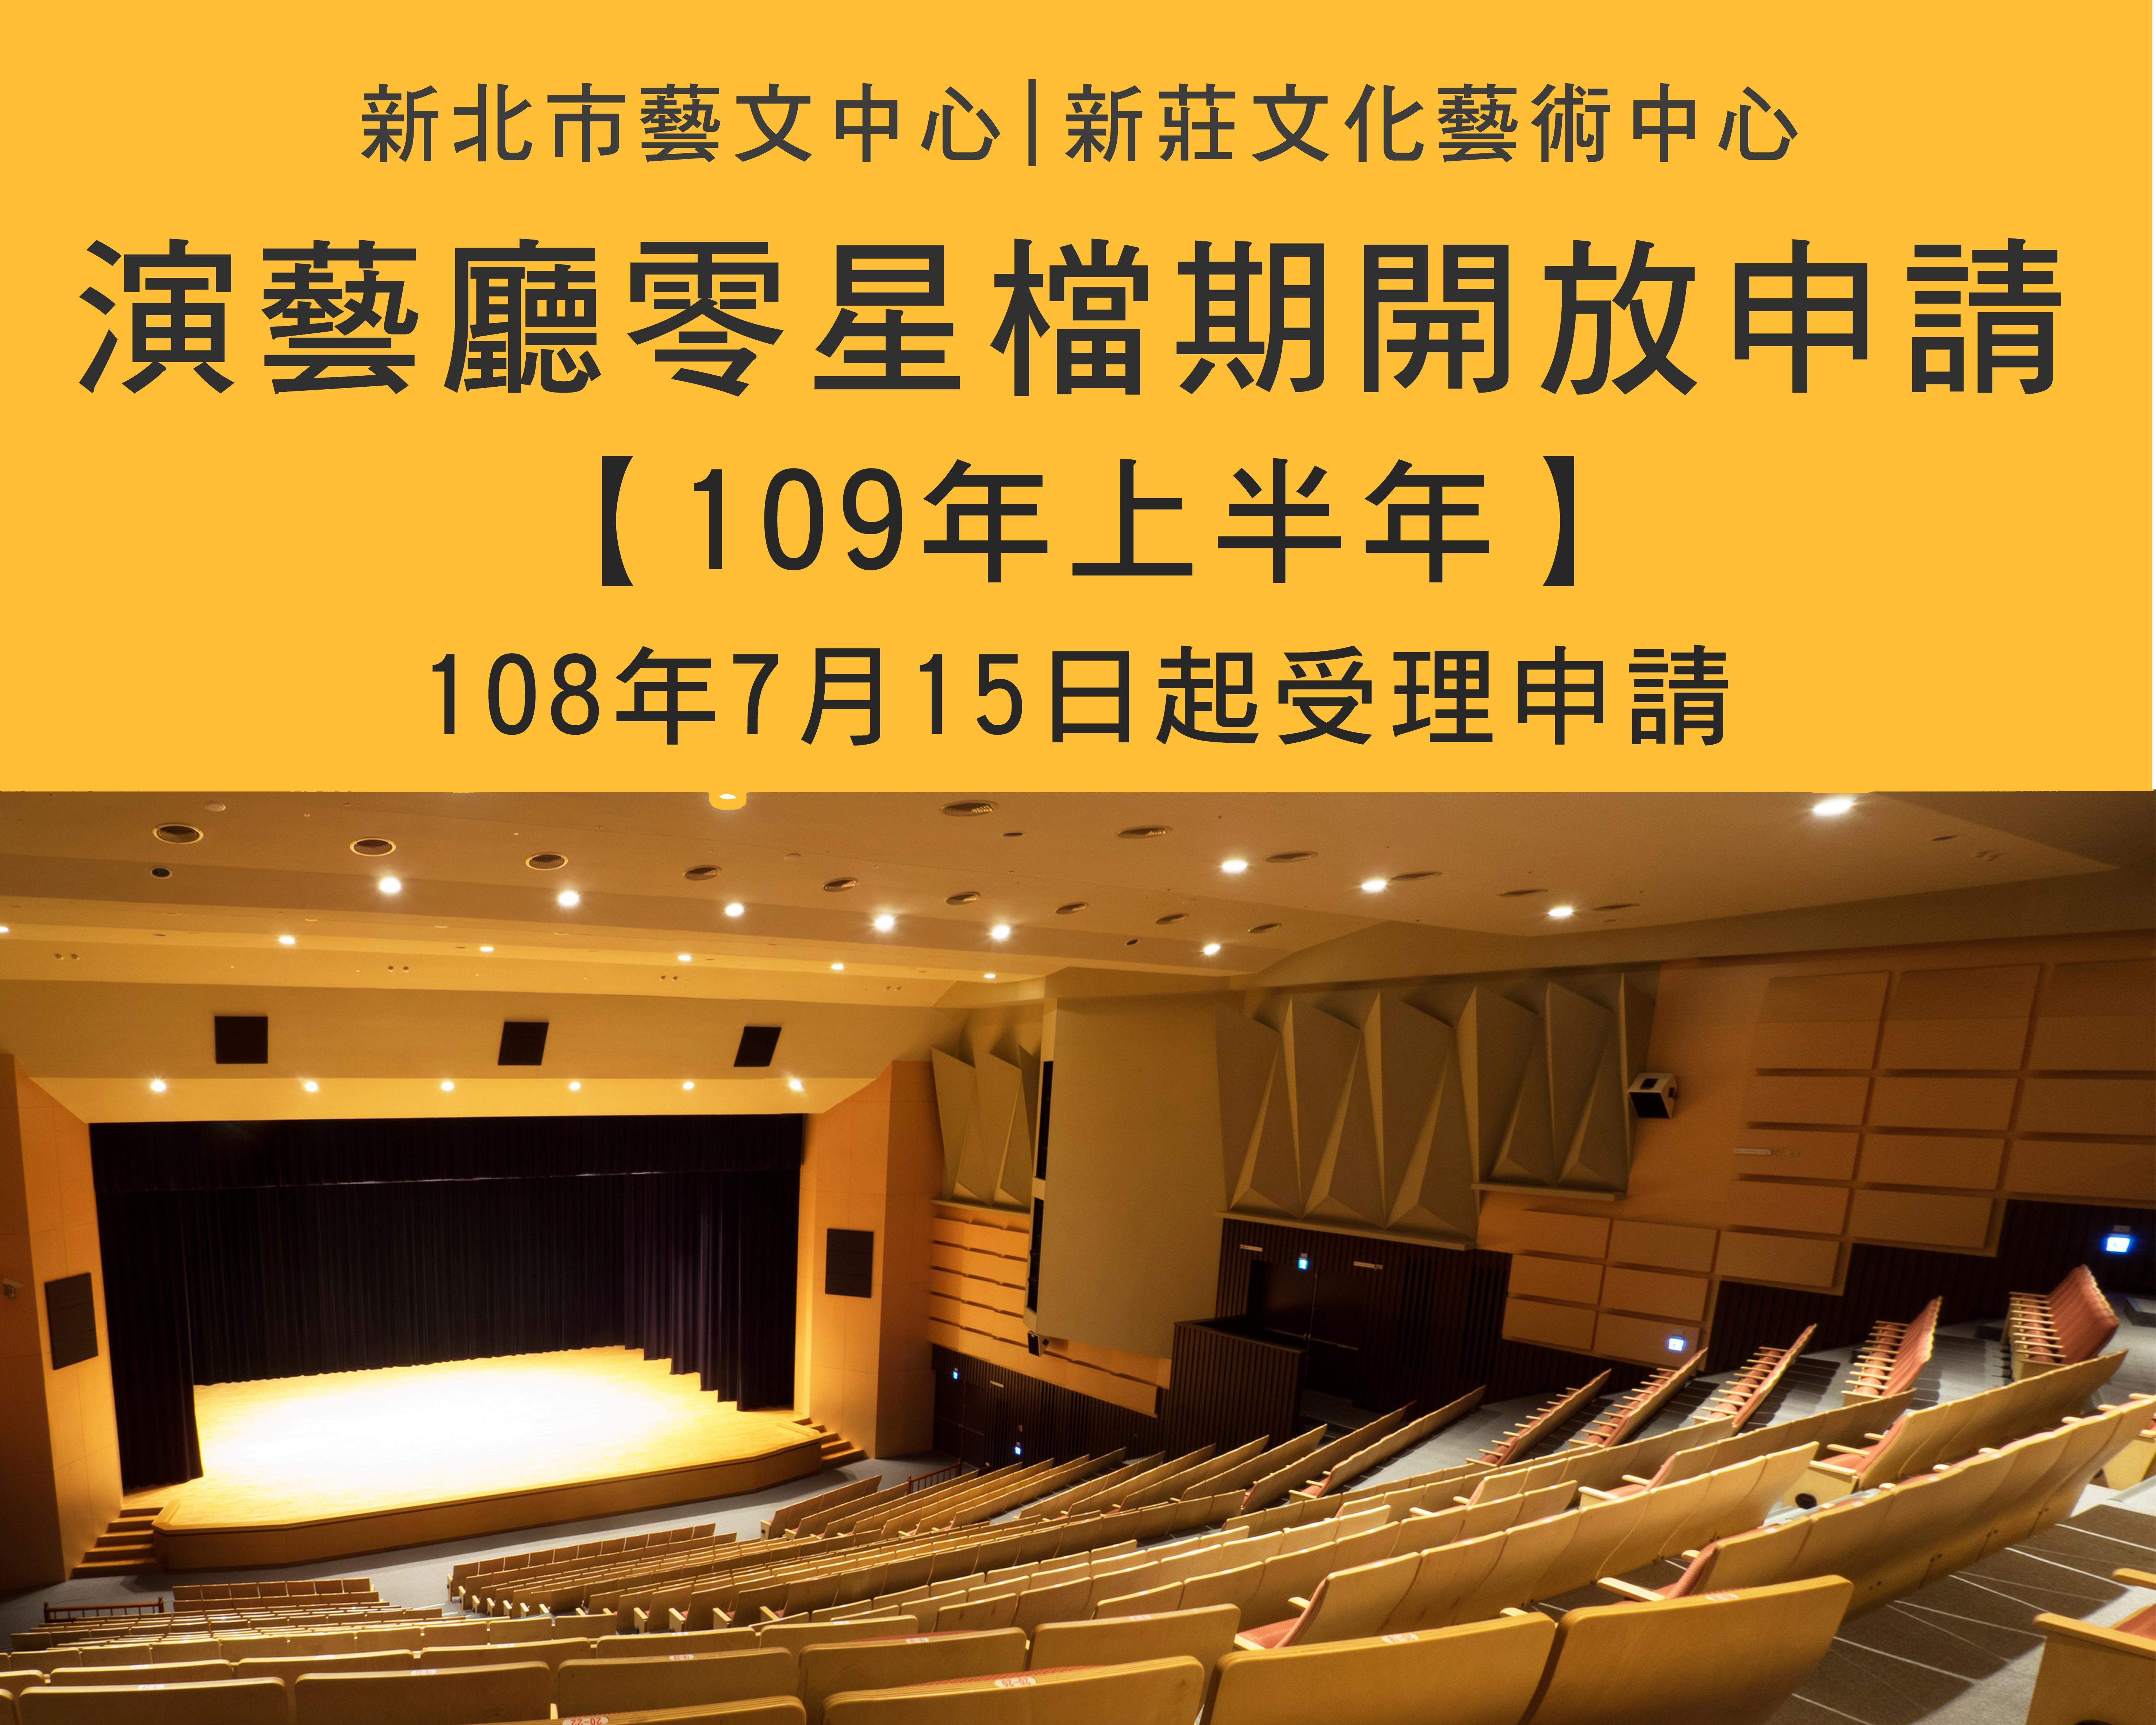 【公告】新莊文化藝術中心演藝廳109年上半年零星檔期開放申請